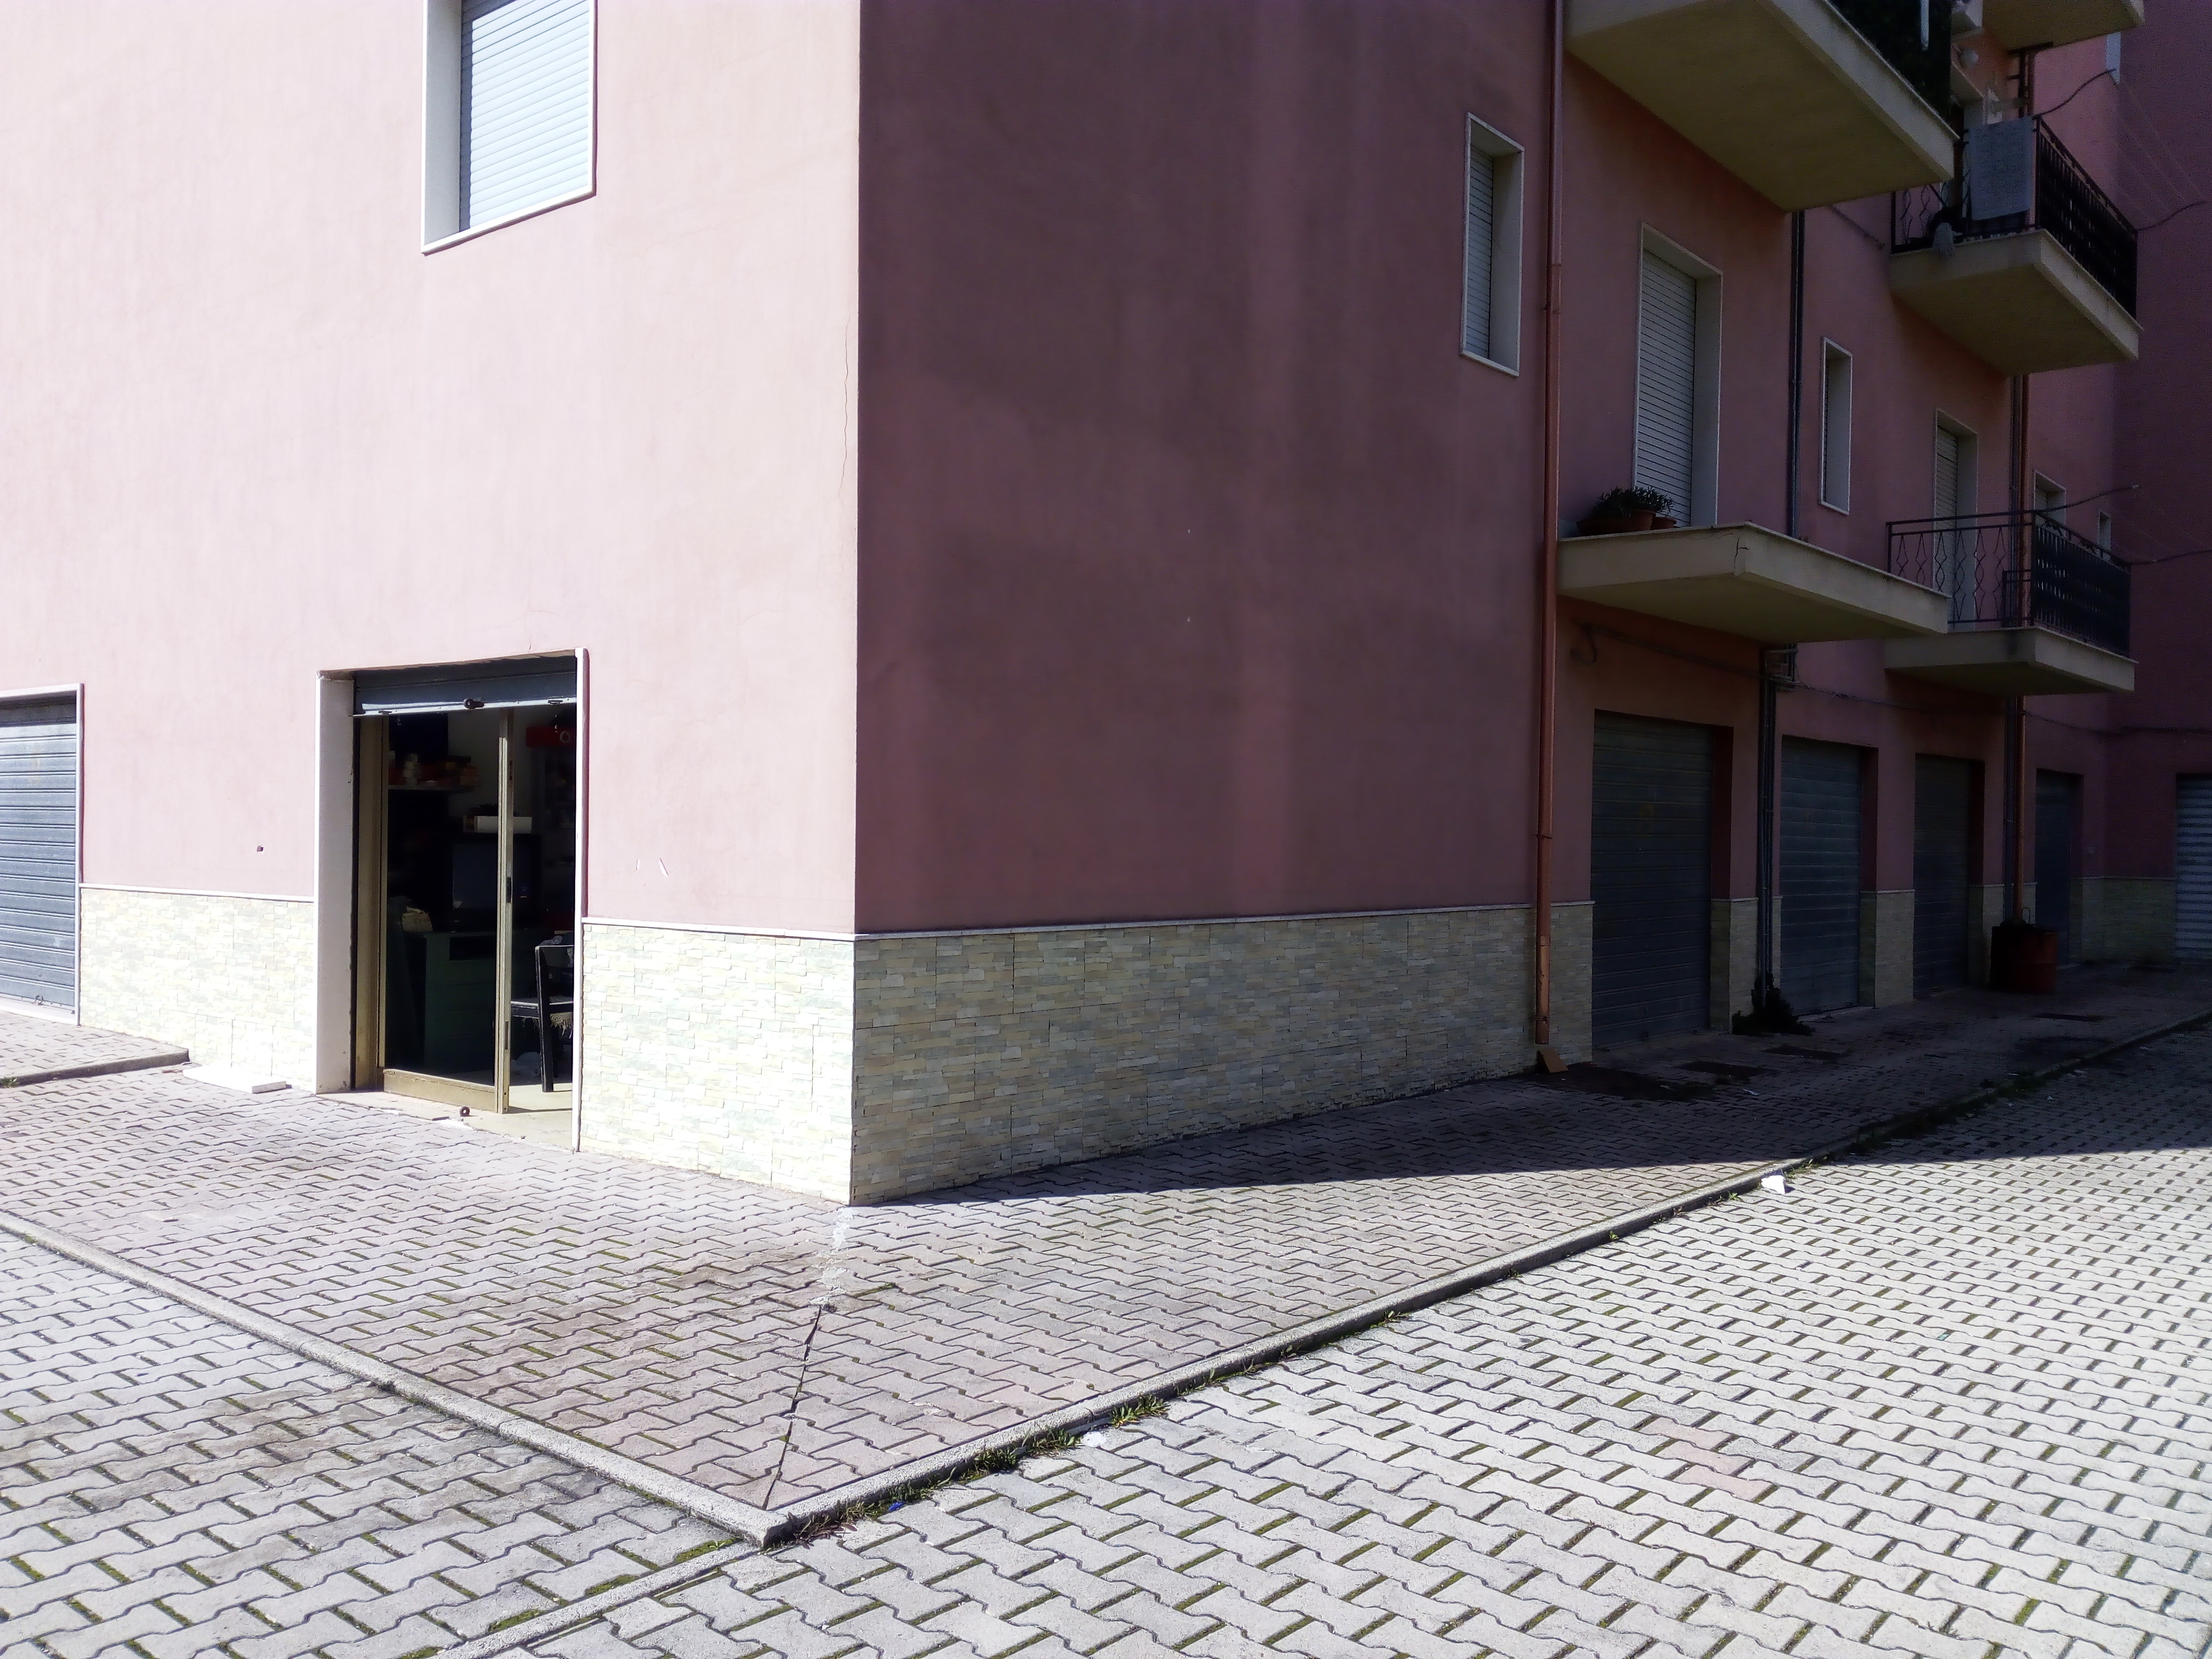 Ufficio / Studio in vendita a Vico del Gargano, 2 locali, zona Località: ConventoeFontanelle, prezzo € 50.000 | PortaleAgenzieImmobiliari.it